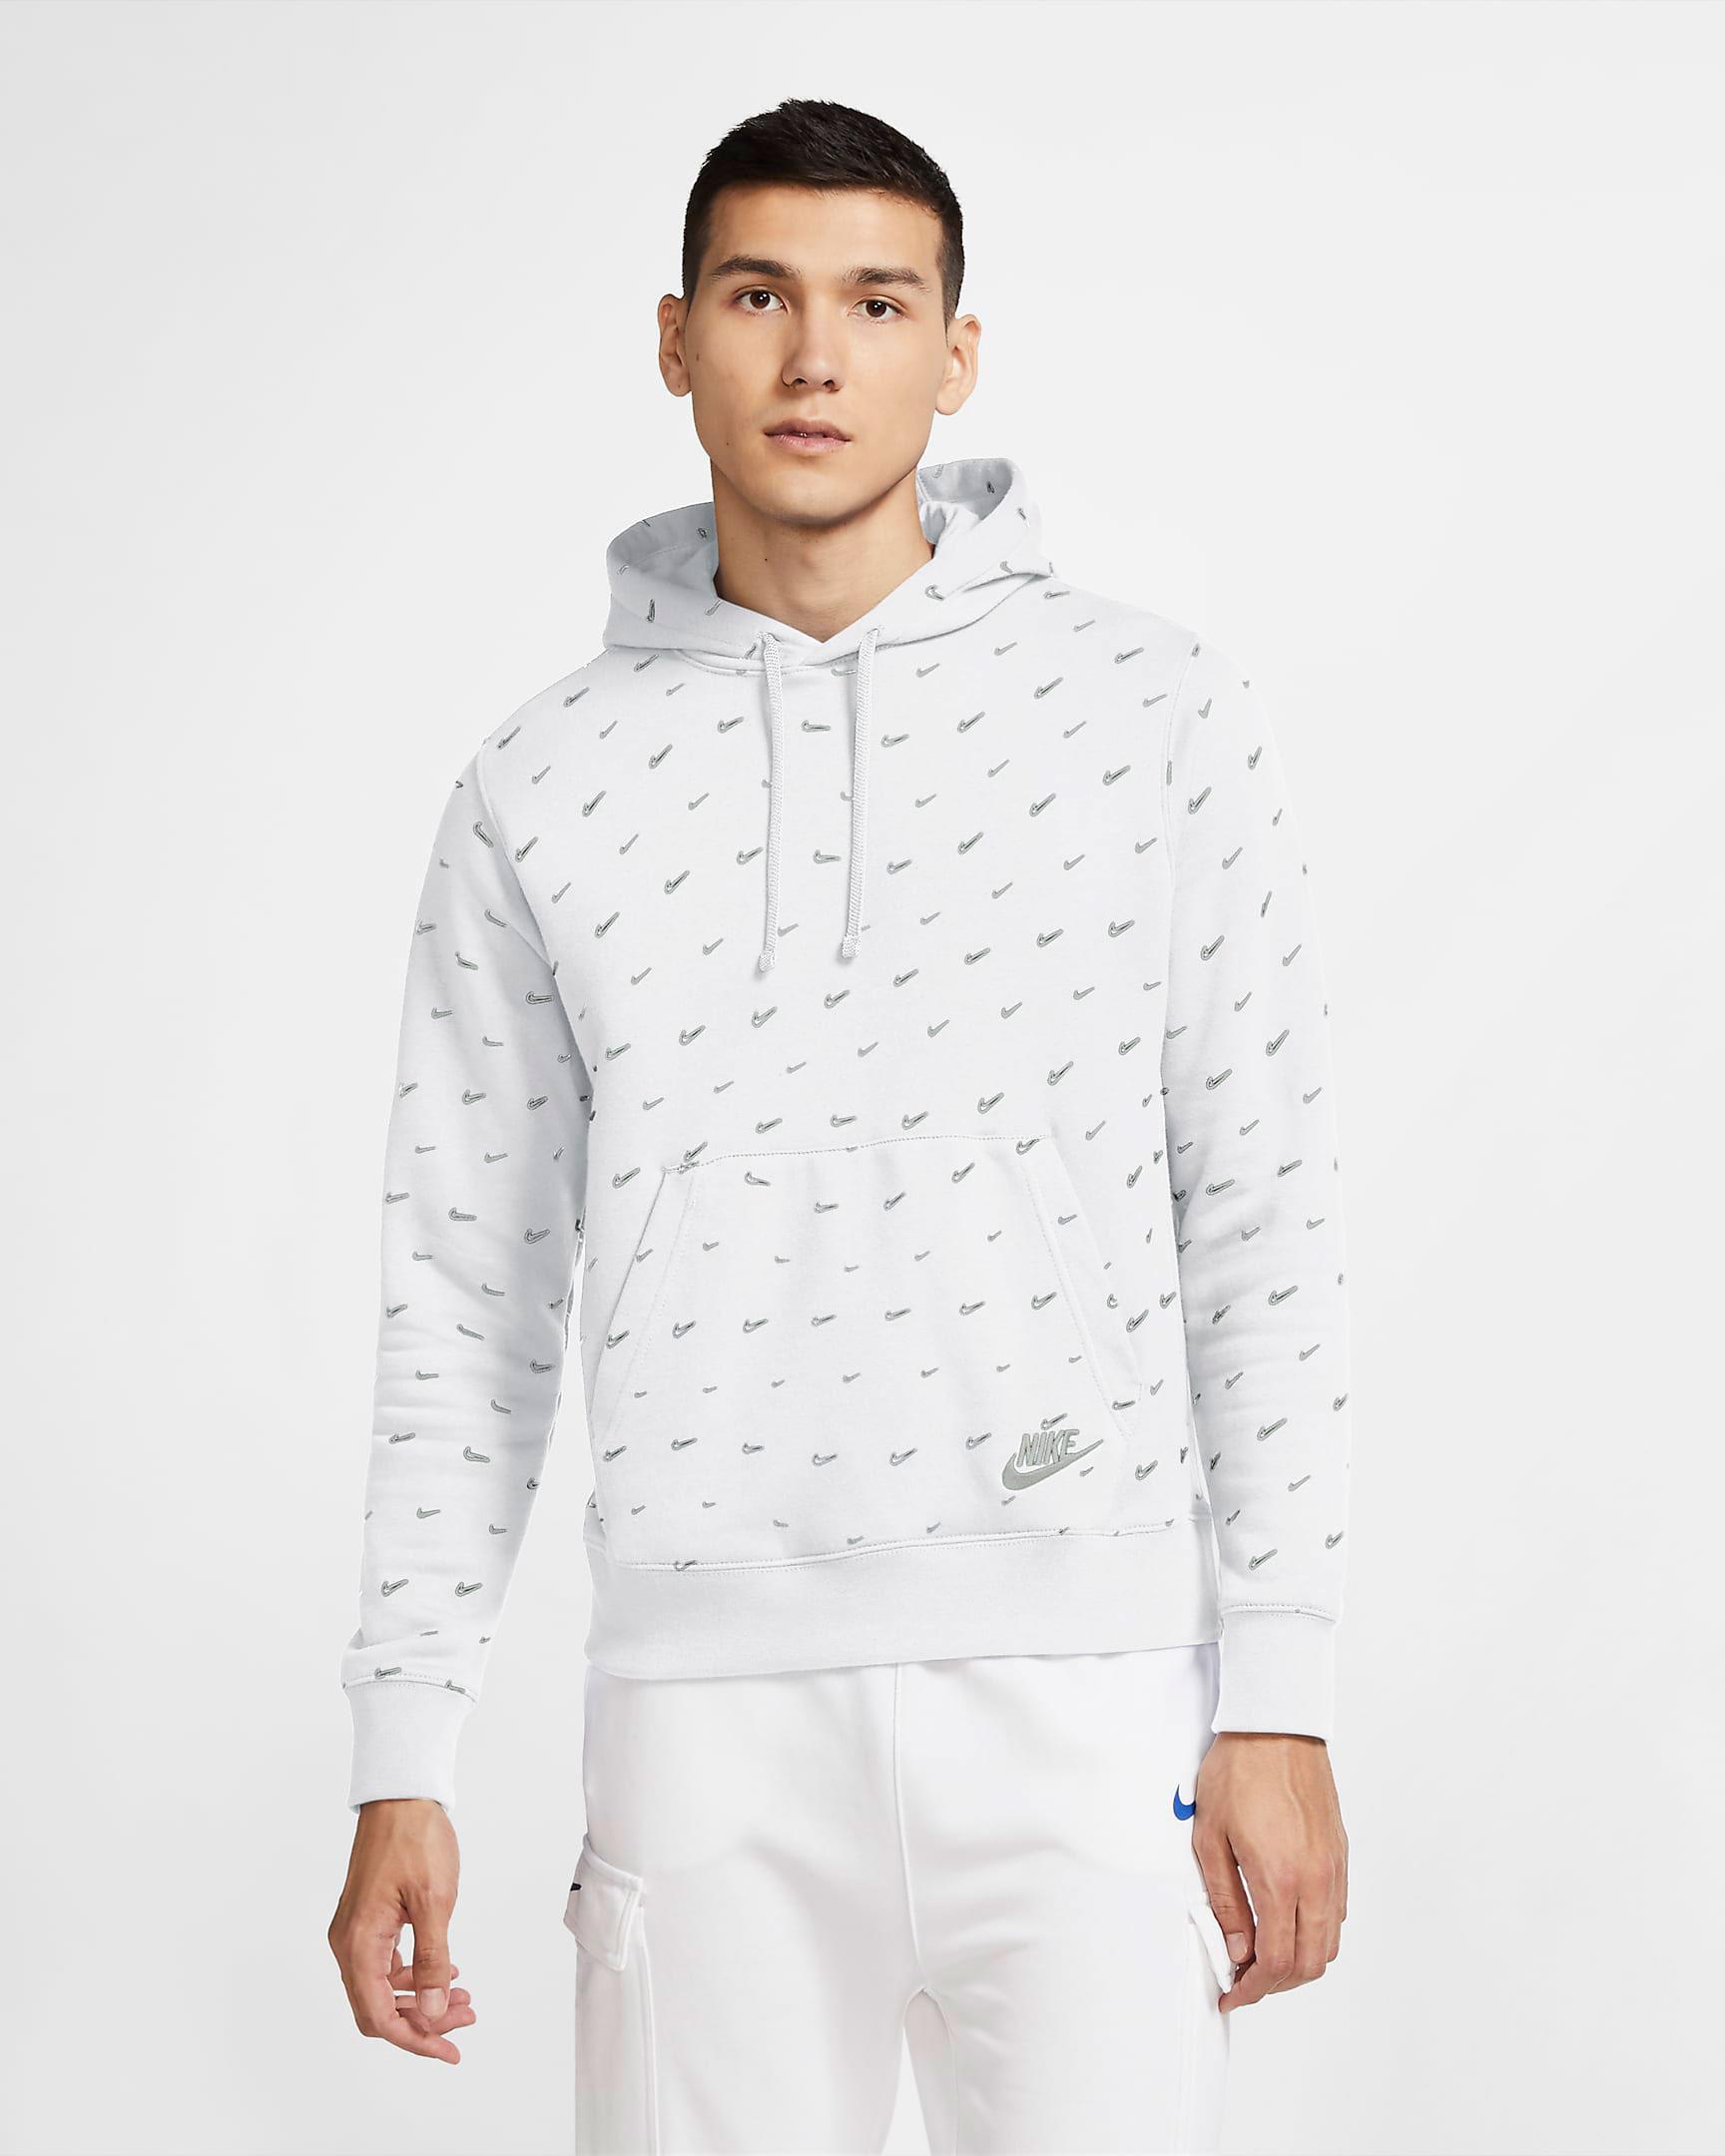 nike-adapt-bb-2-oreo-white-cement-matching-hoodie-1